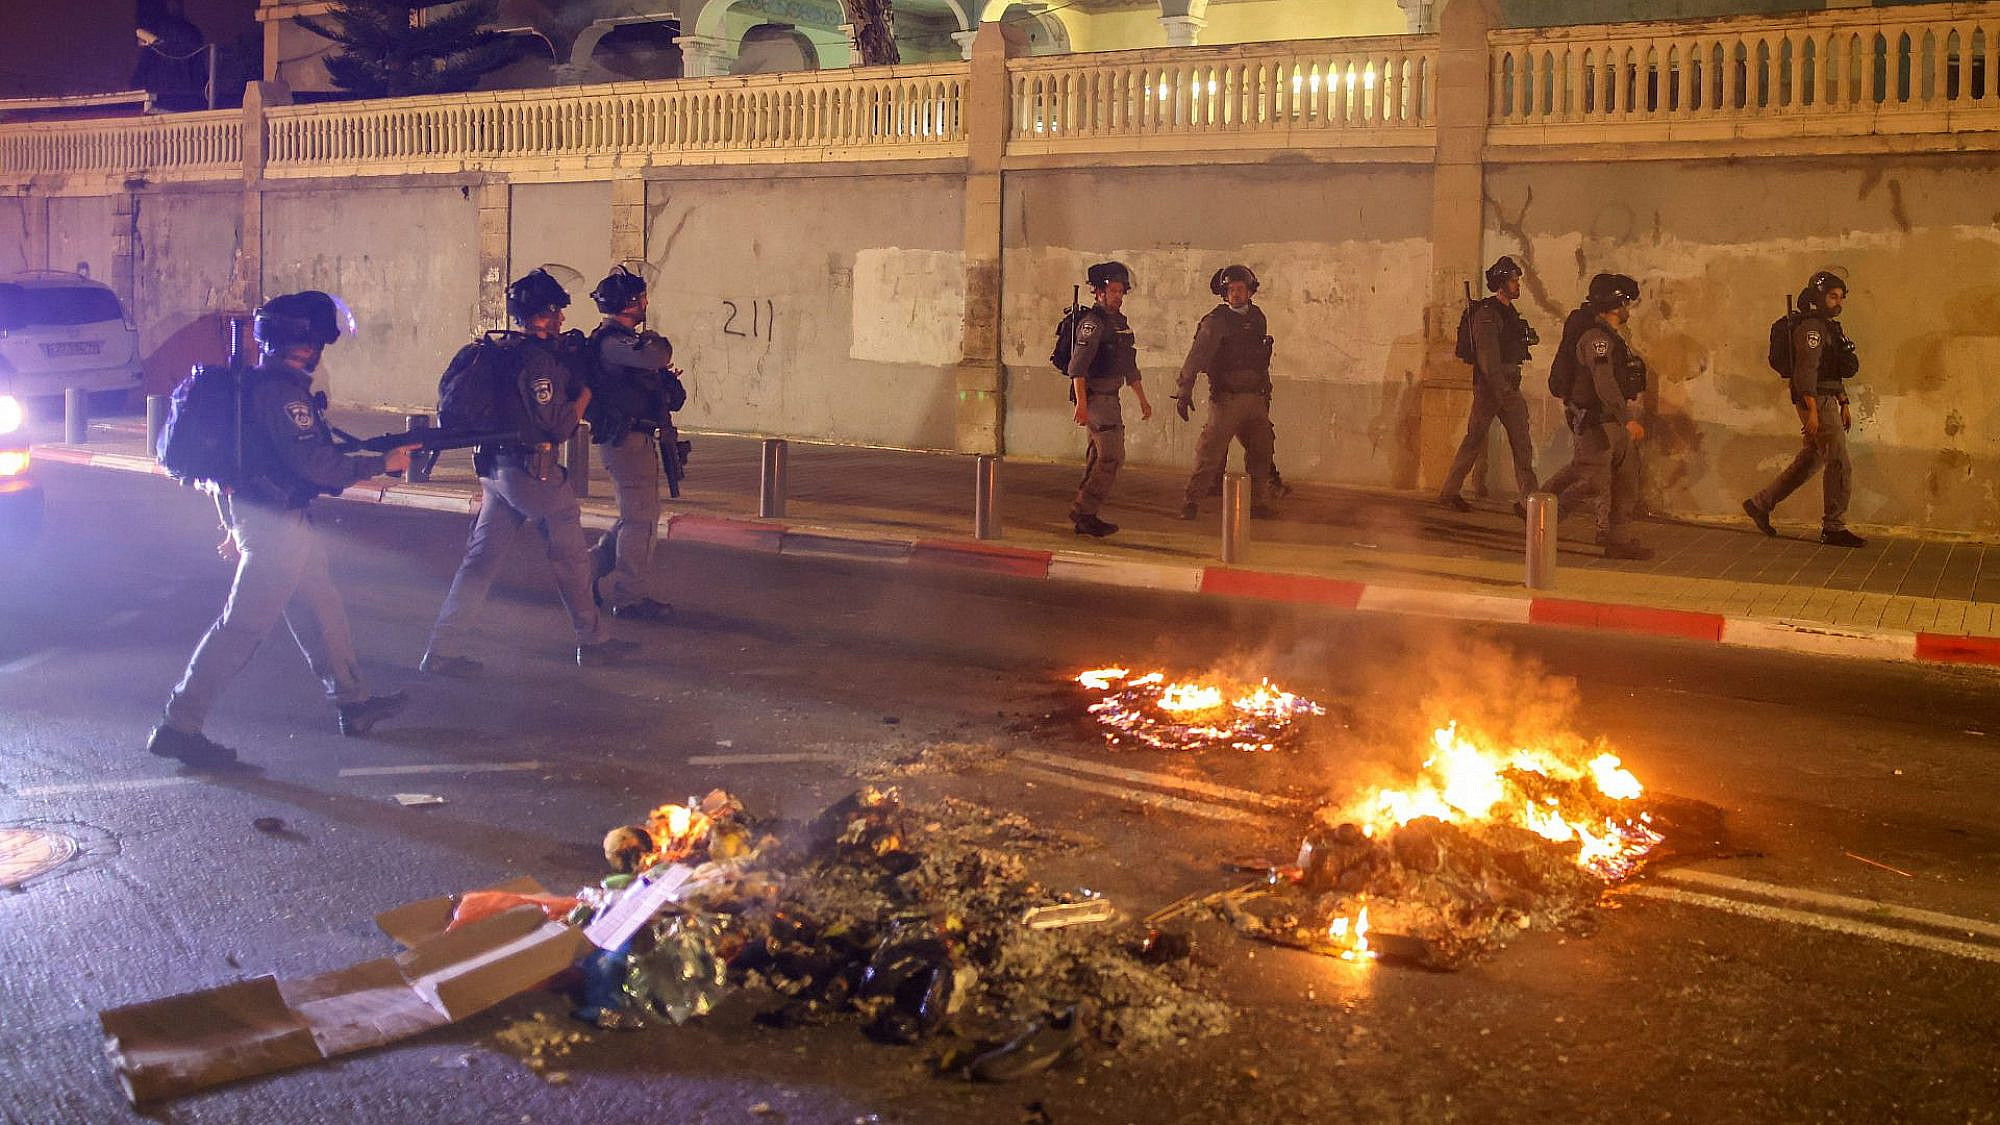 העימותים ביפו. צילום: אחמד ג'רבלי\AFP\גטי אימג'ס